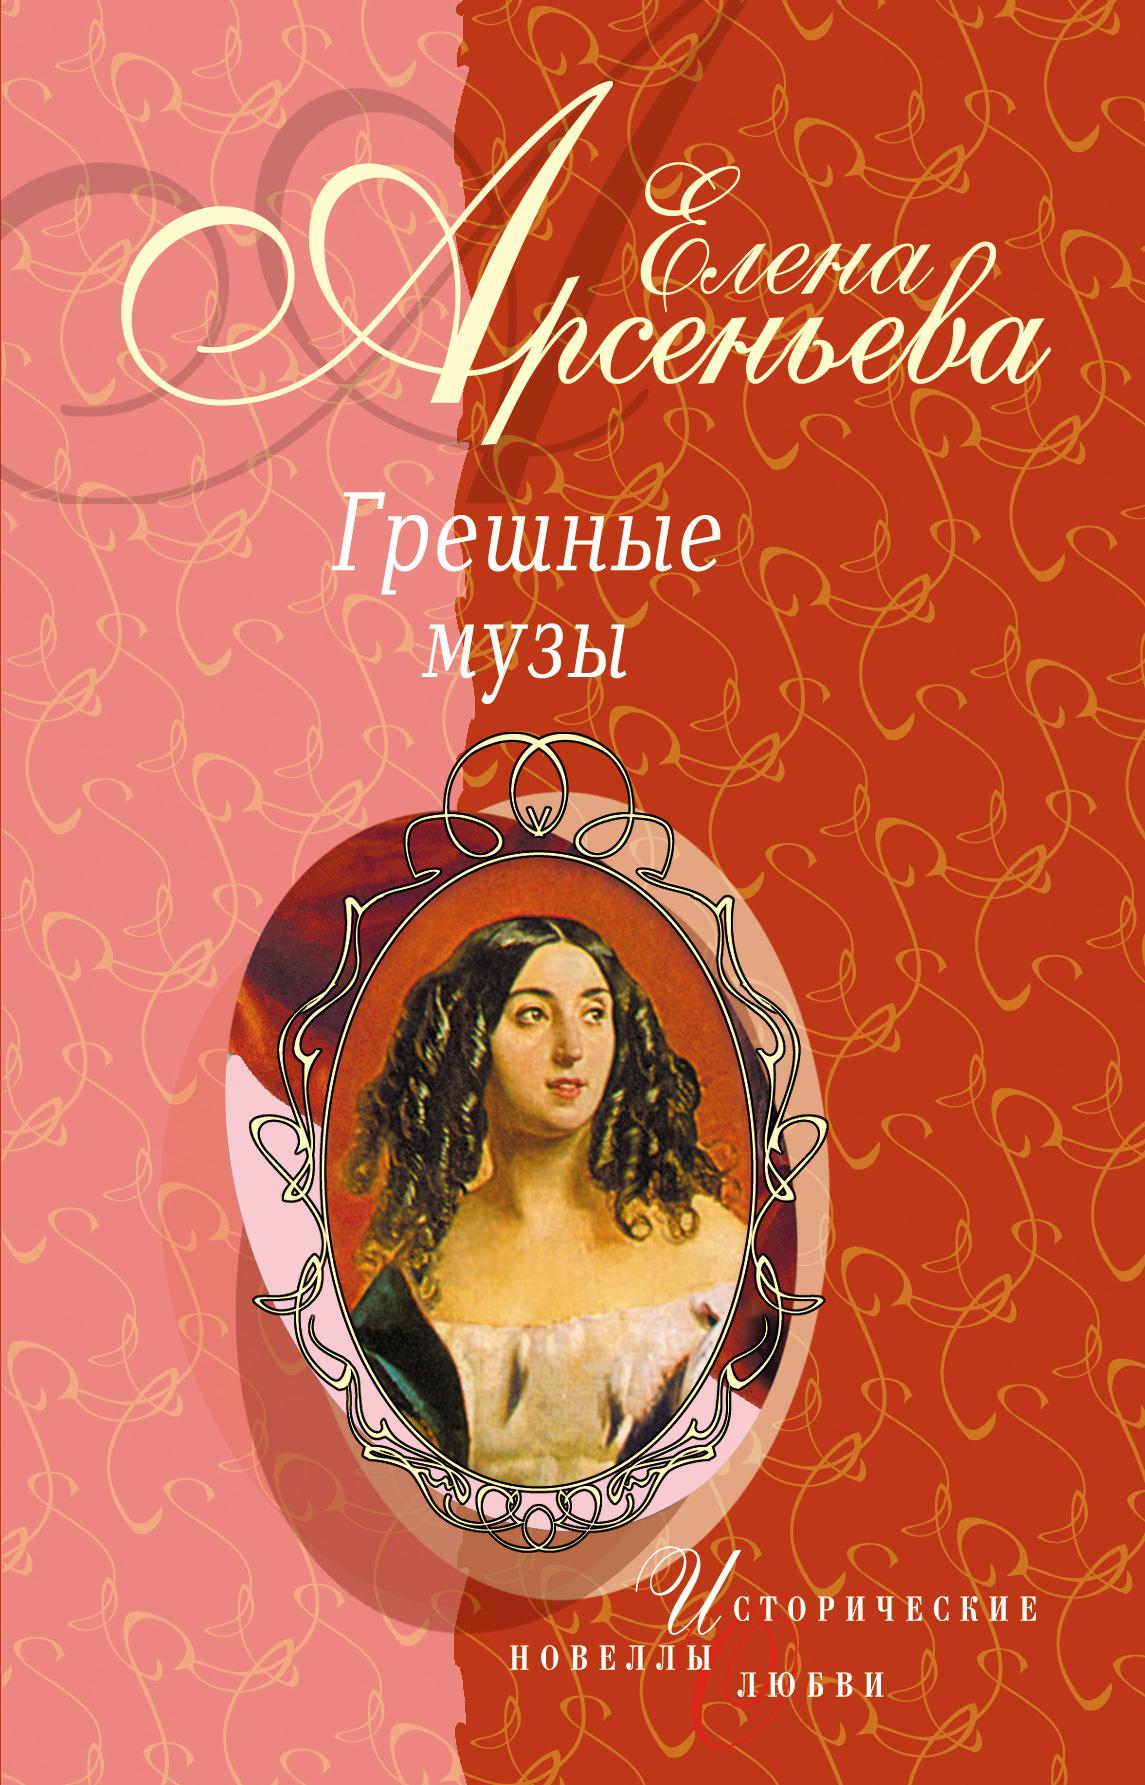 Елена Арсеньева Тайное венчание (Николай Львов – Мария Дьякова)